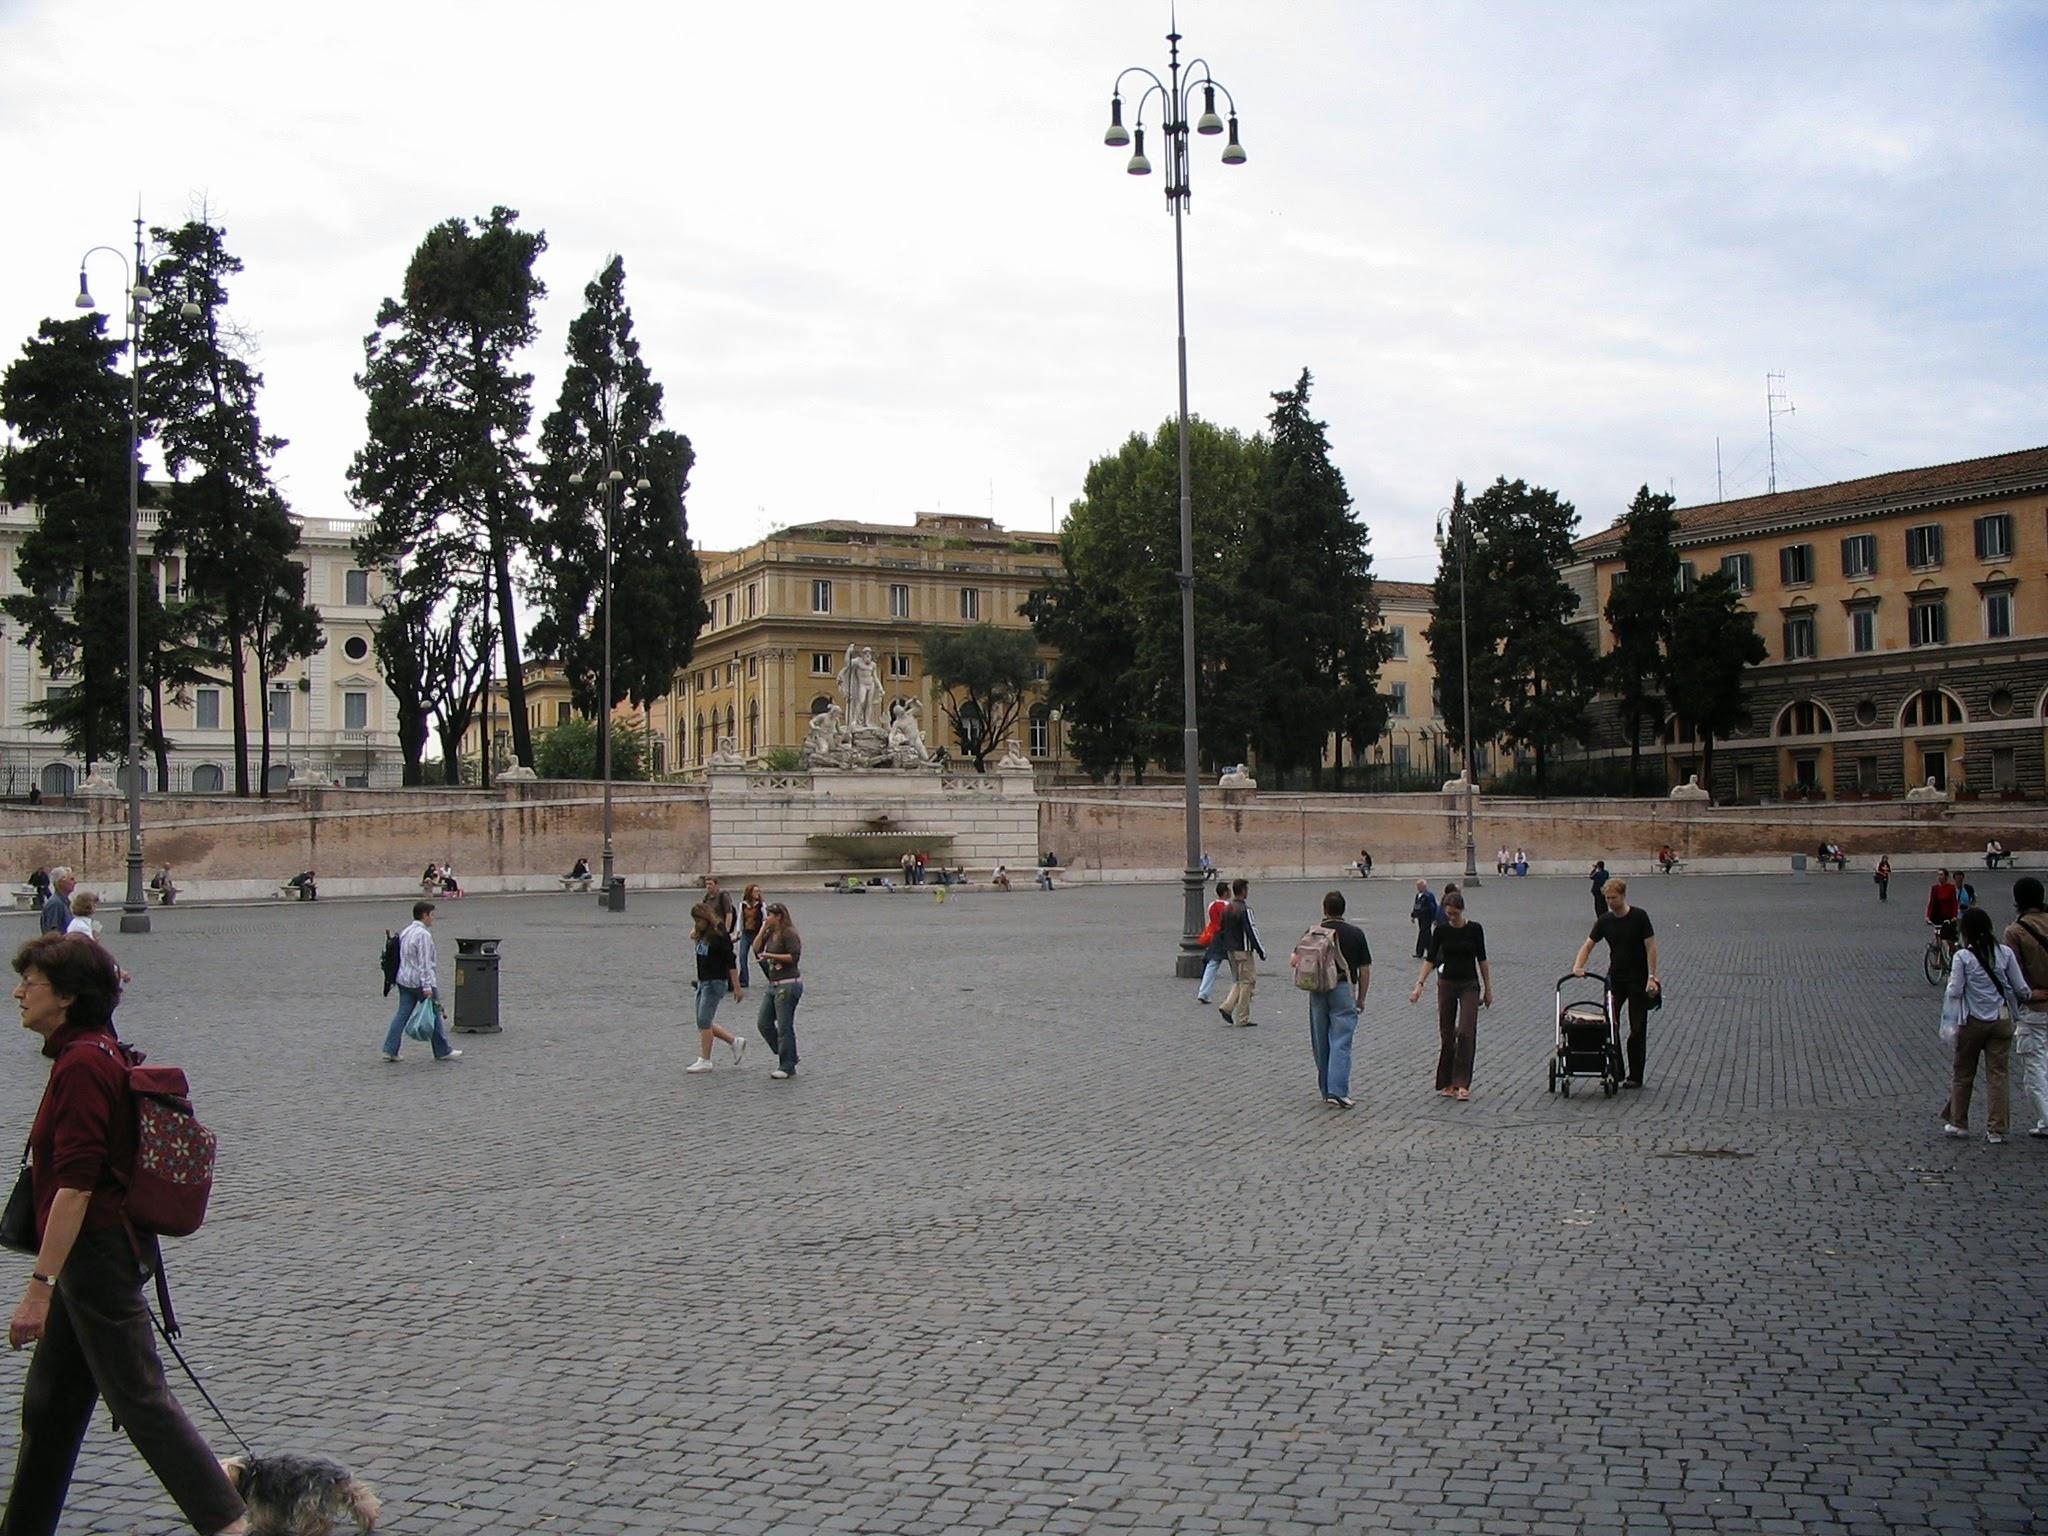 Piazza del Popolo Churches and Obelisk 2